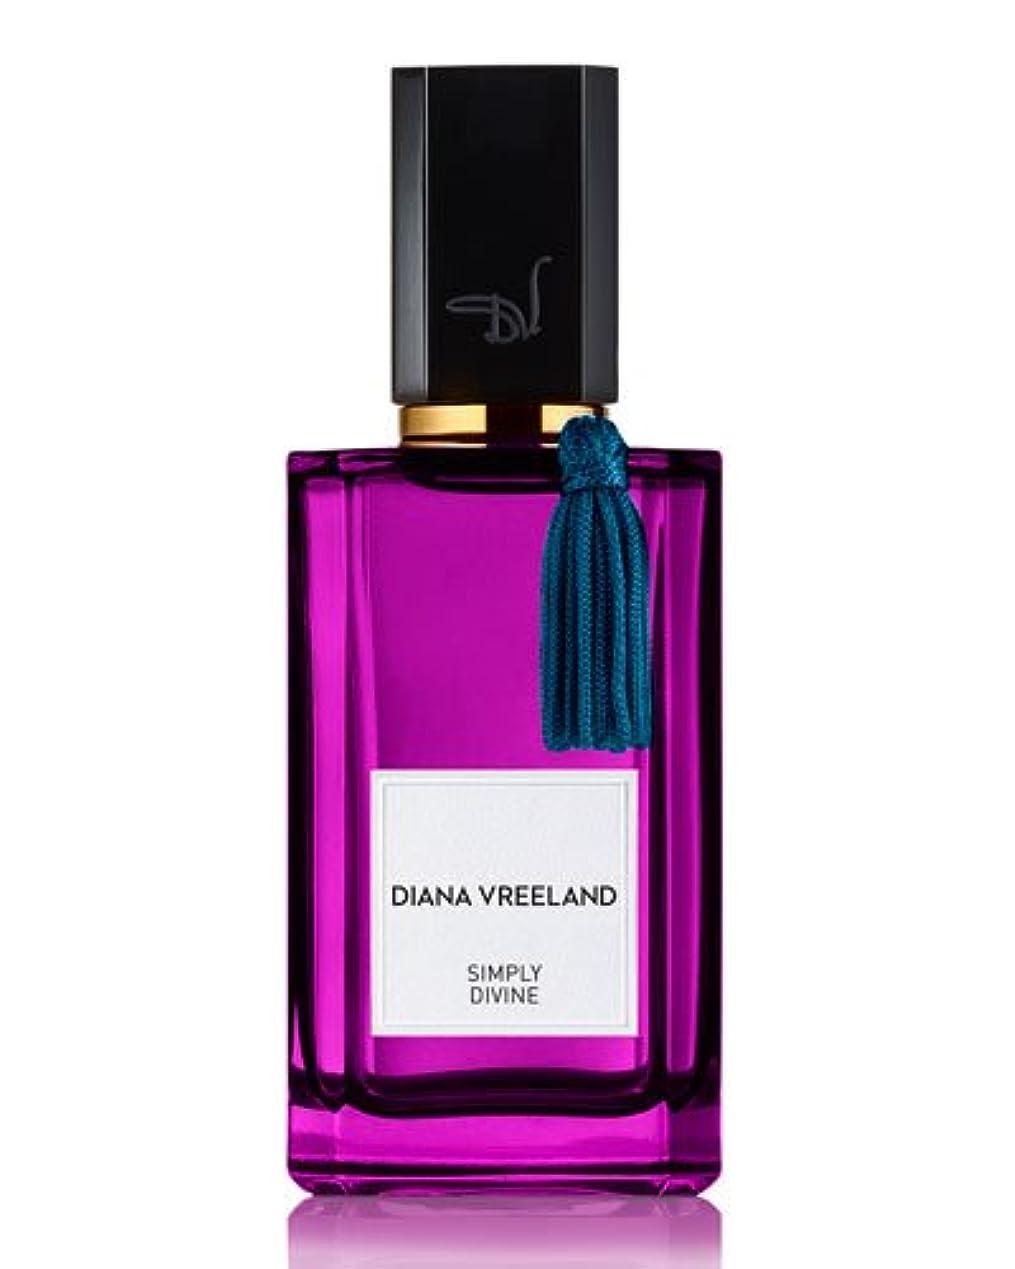 ダイジェスト注釈名義でDiana Vreeland Simply Divine(ダイアナ ヴリーランド シンプリーディヴァイン)3.4 oz (100ml) EDP Spray